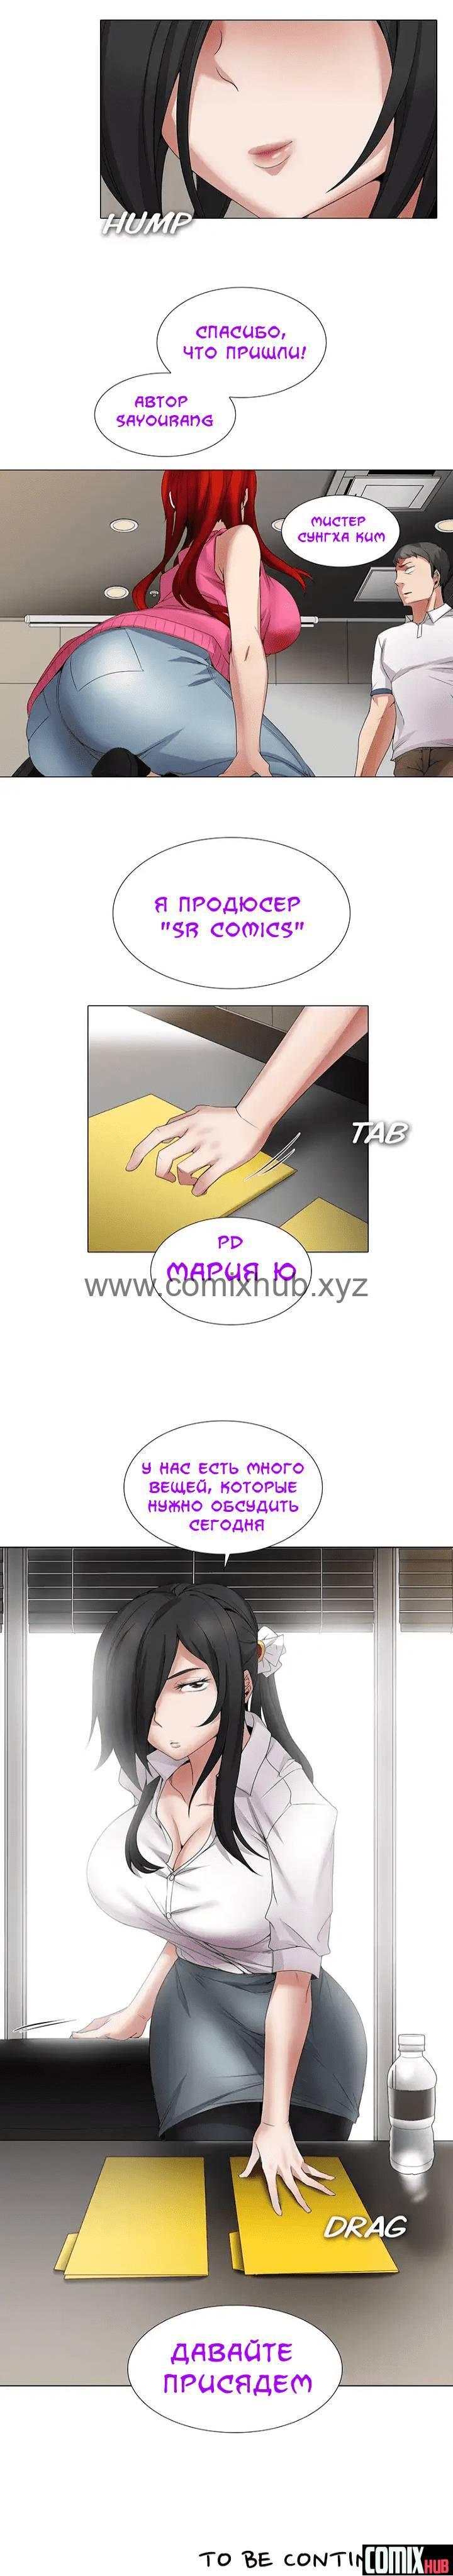 Манхва Художники для взрослых, часть 18 Без цензуры, Большая грудь, Большая попа, Минет, Хентай манга, манхва